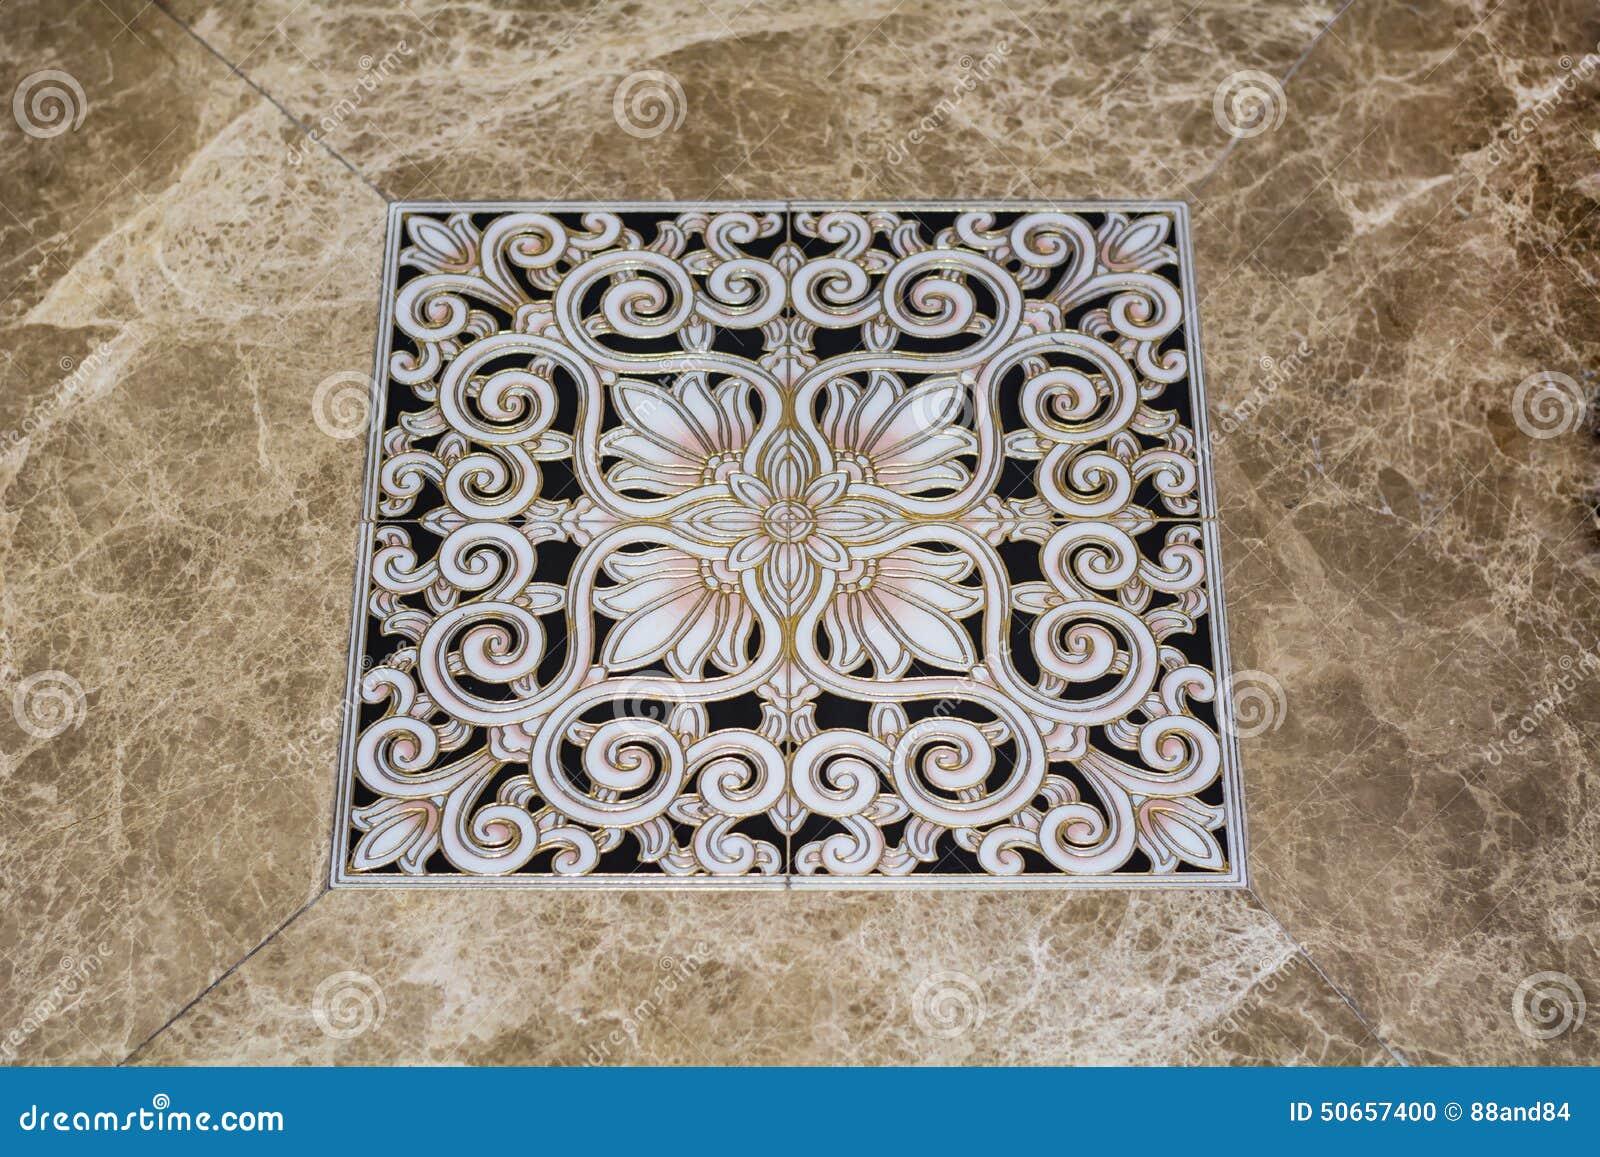 Azulejos de suelo rabes antiguos foto de archivo imagen - Azulejos de suelo ...